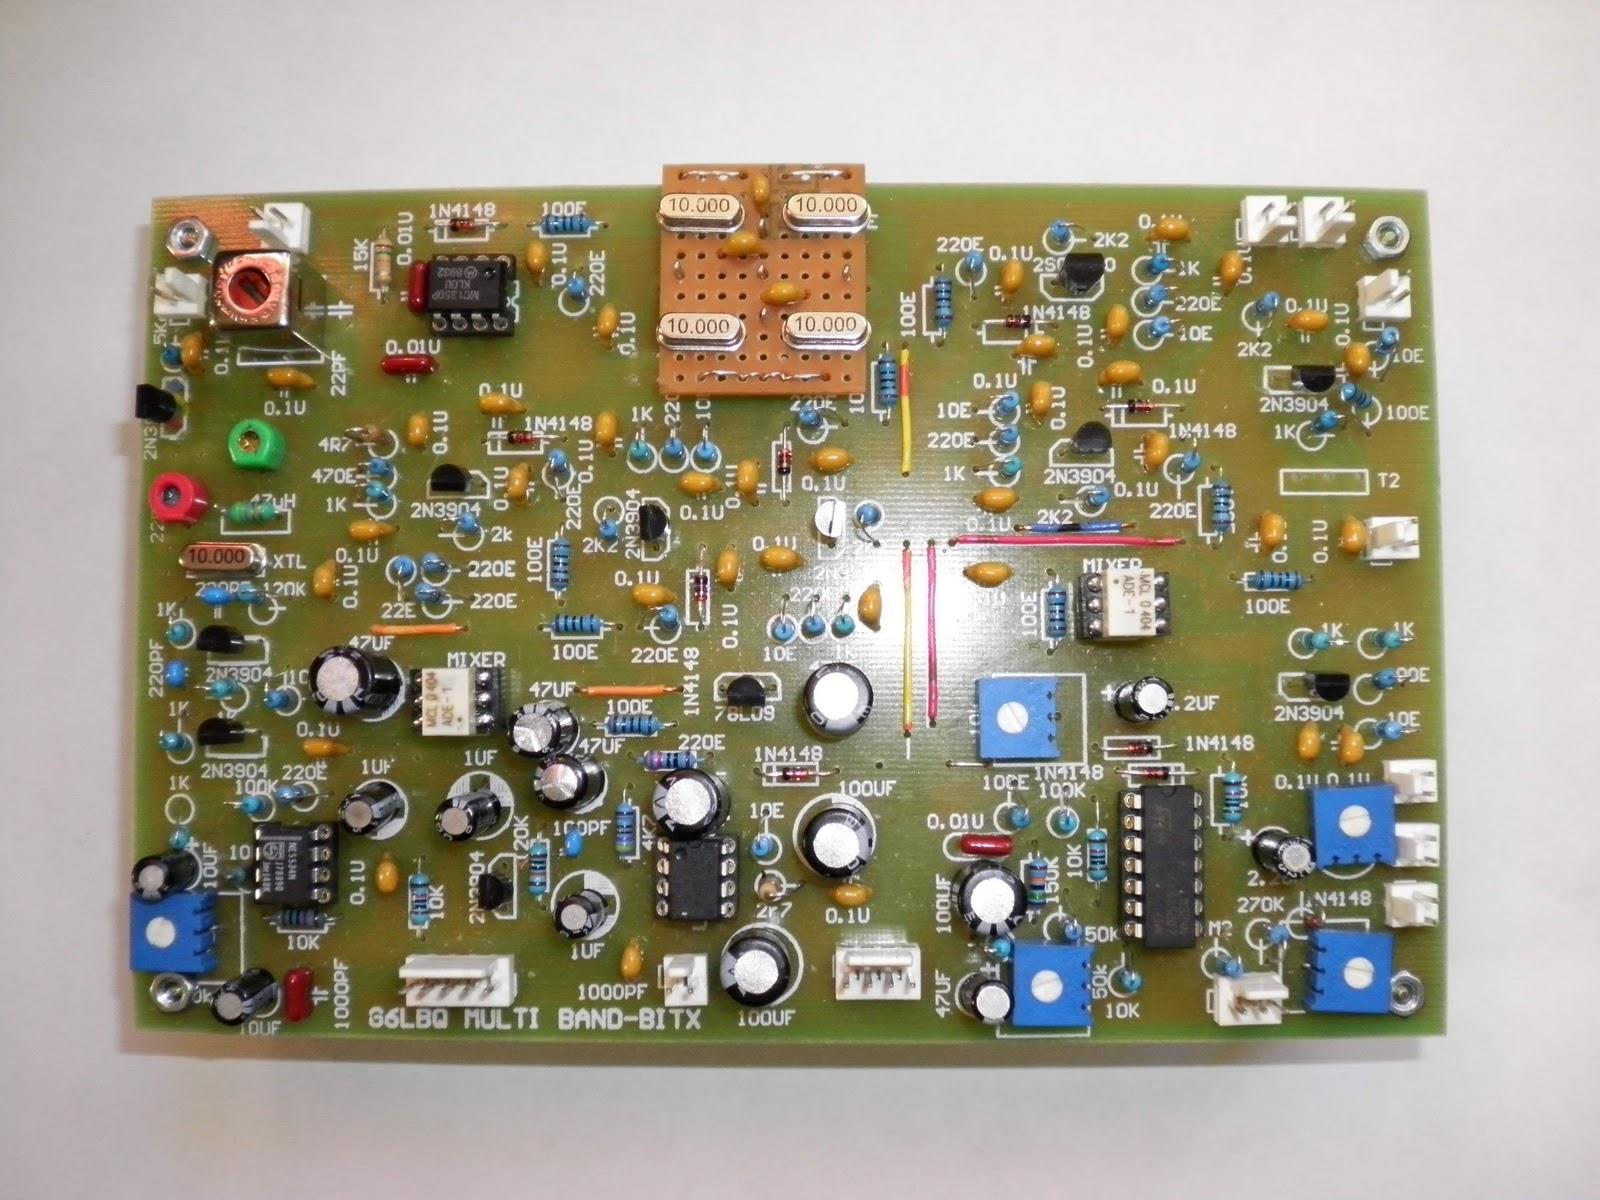 G6LBQ Bitx kit finished